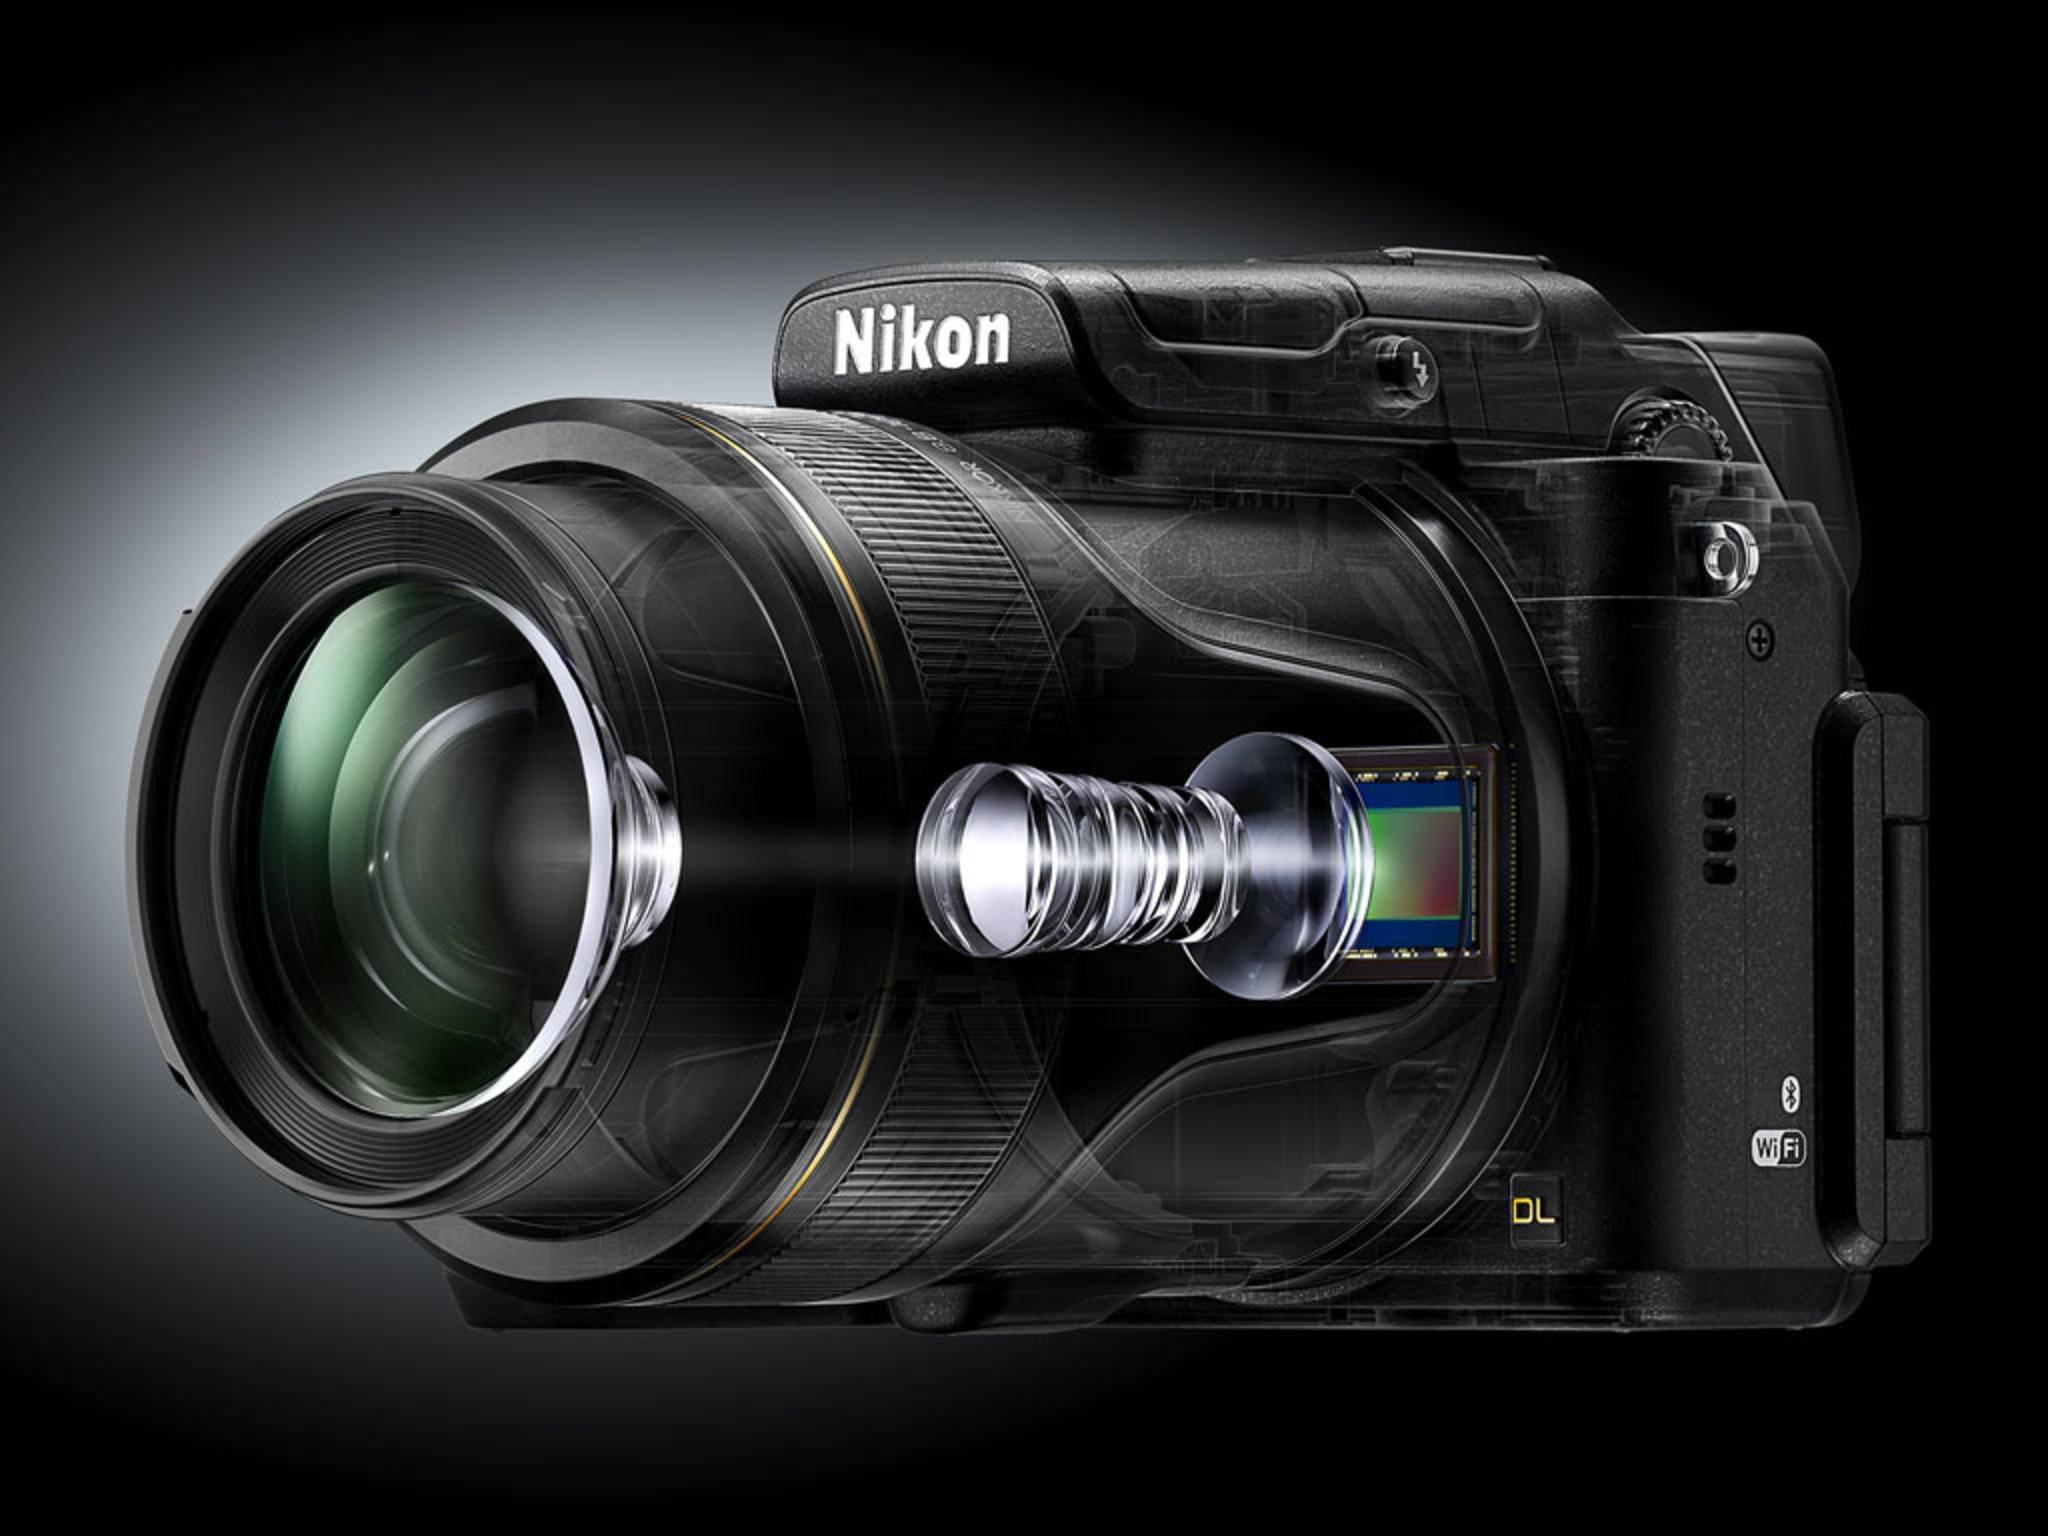 Die Nikon DL24-500 ist eine der neuen Premium-Kompaktkameras.